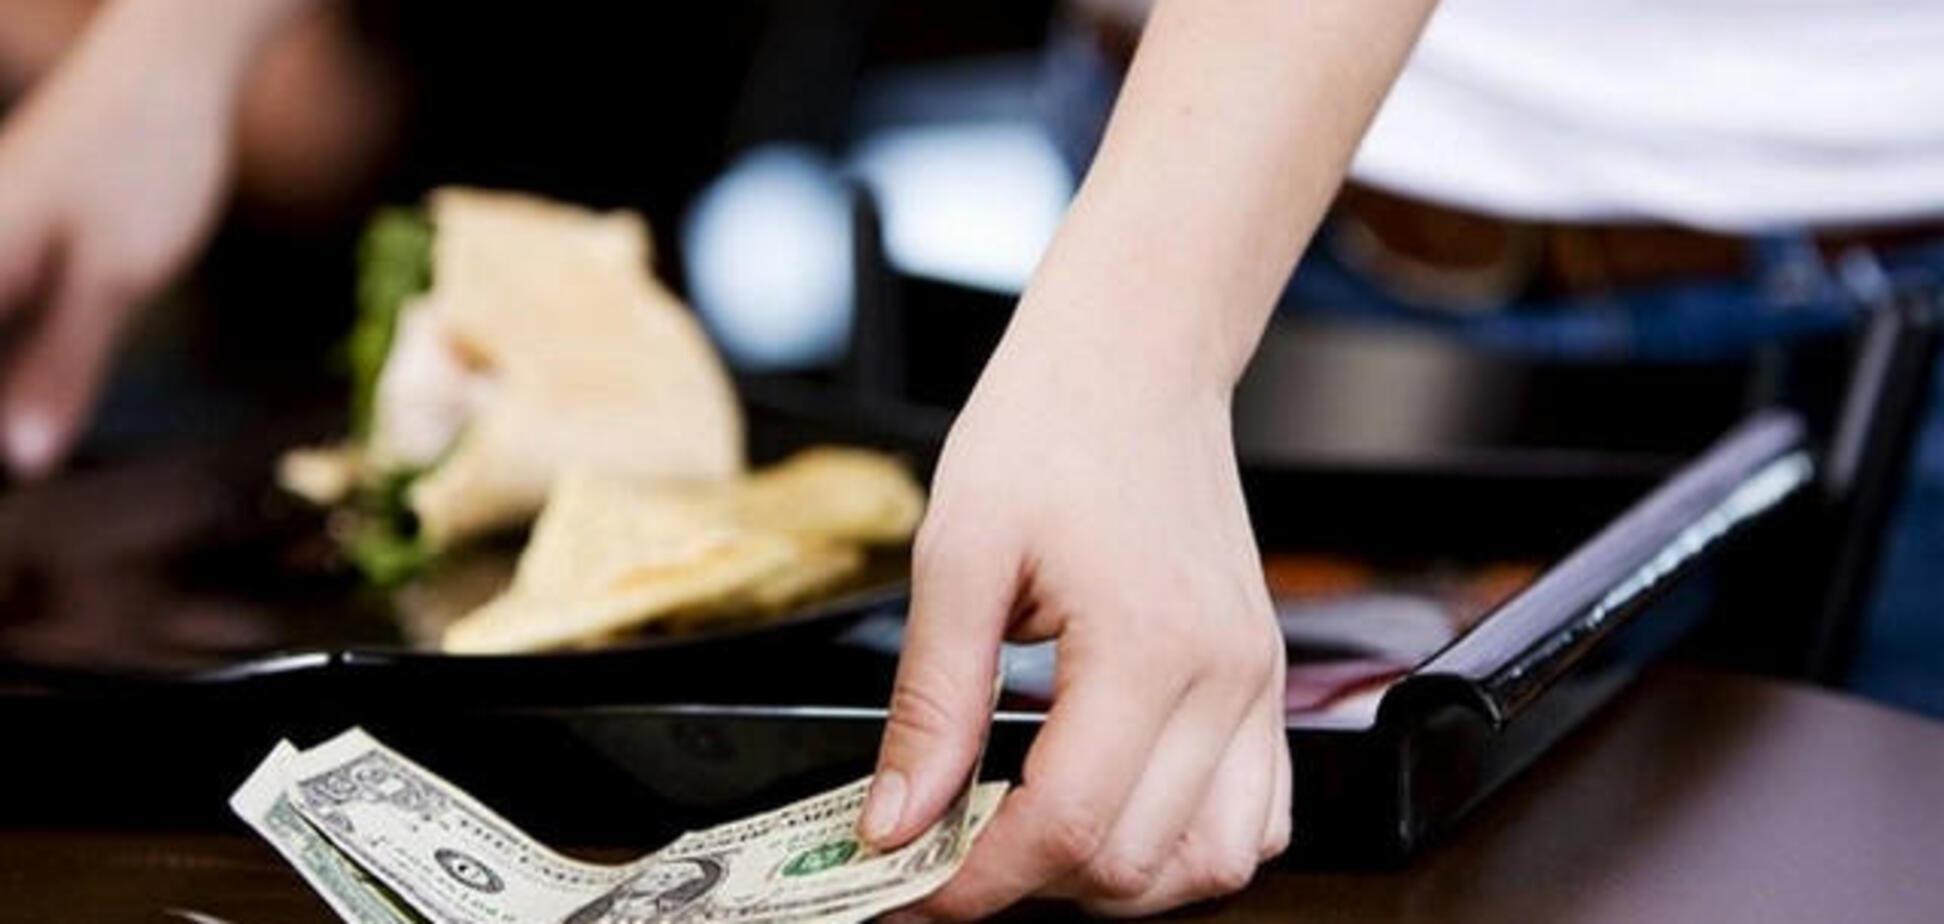 Кому женщины платят за секс